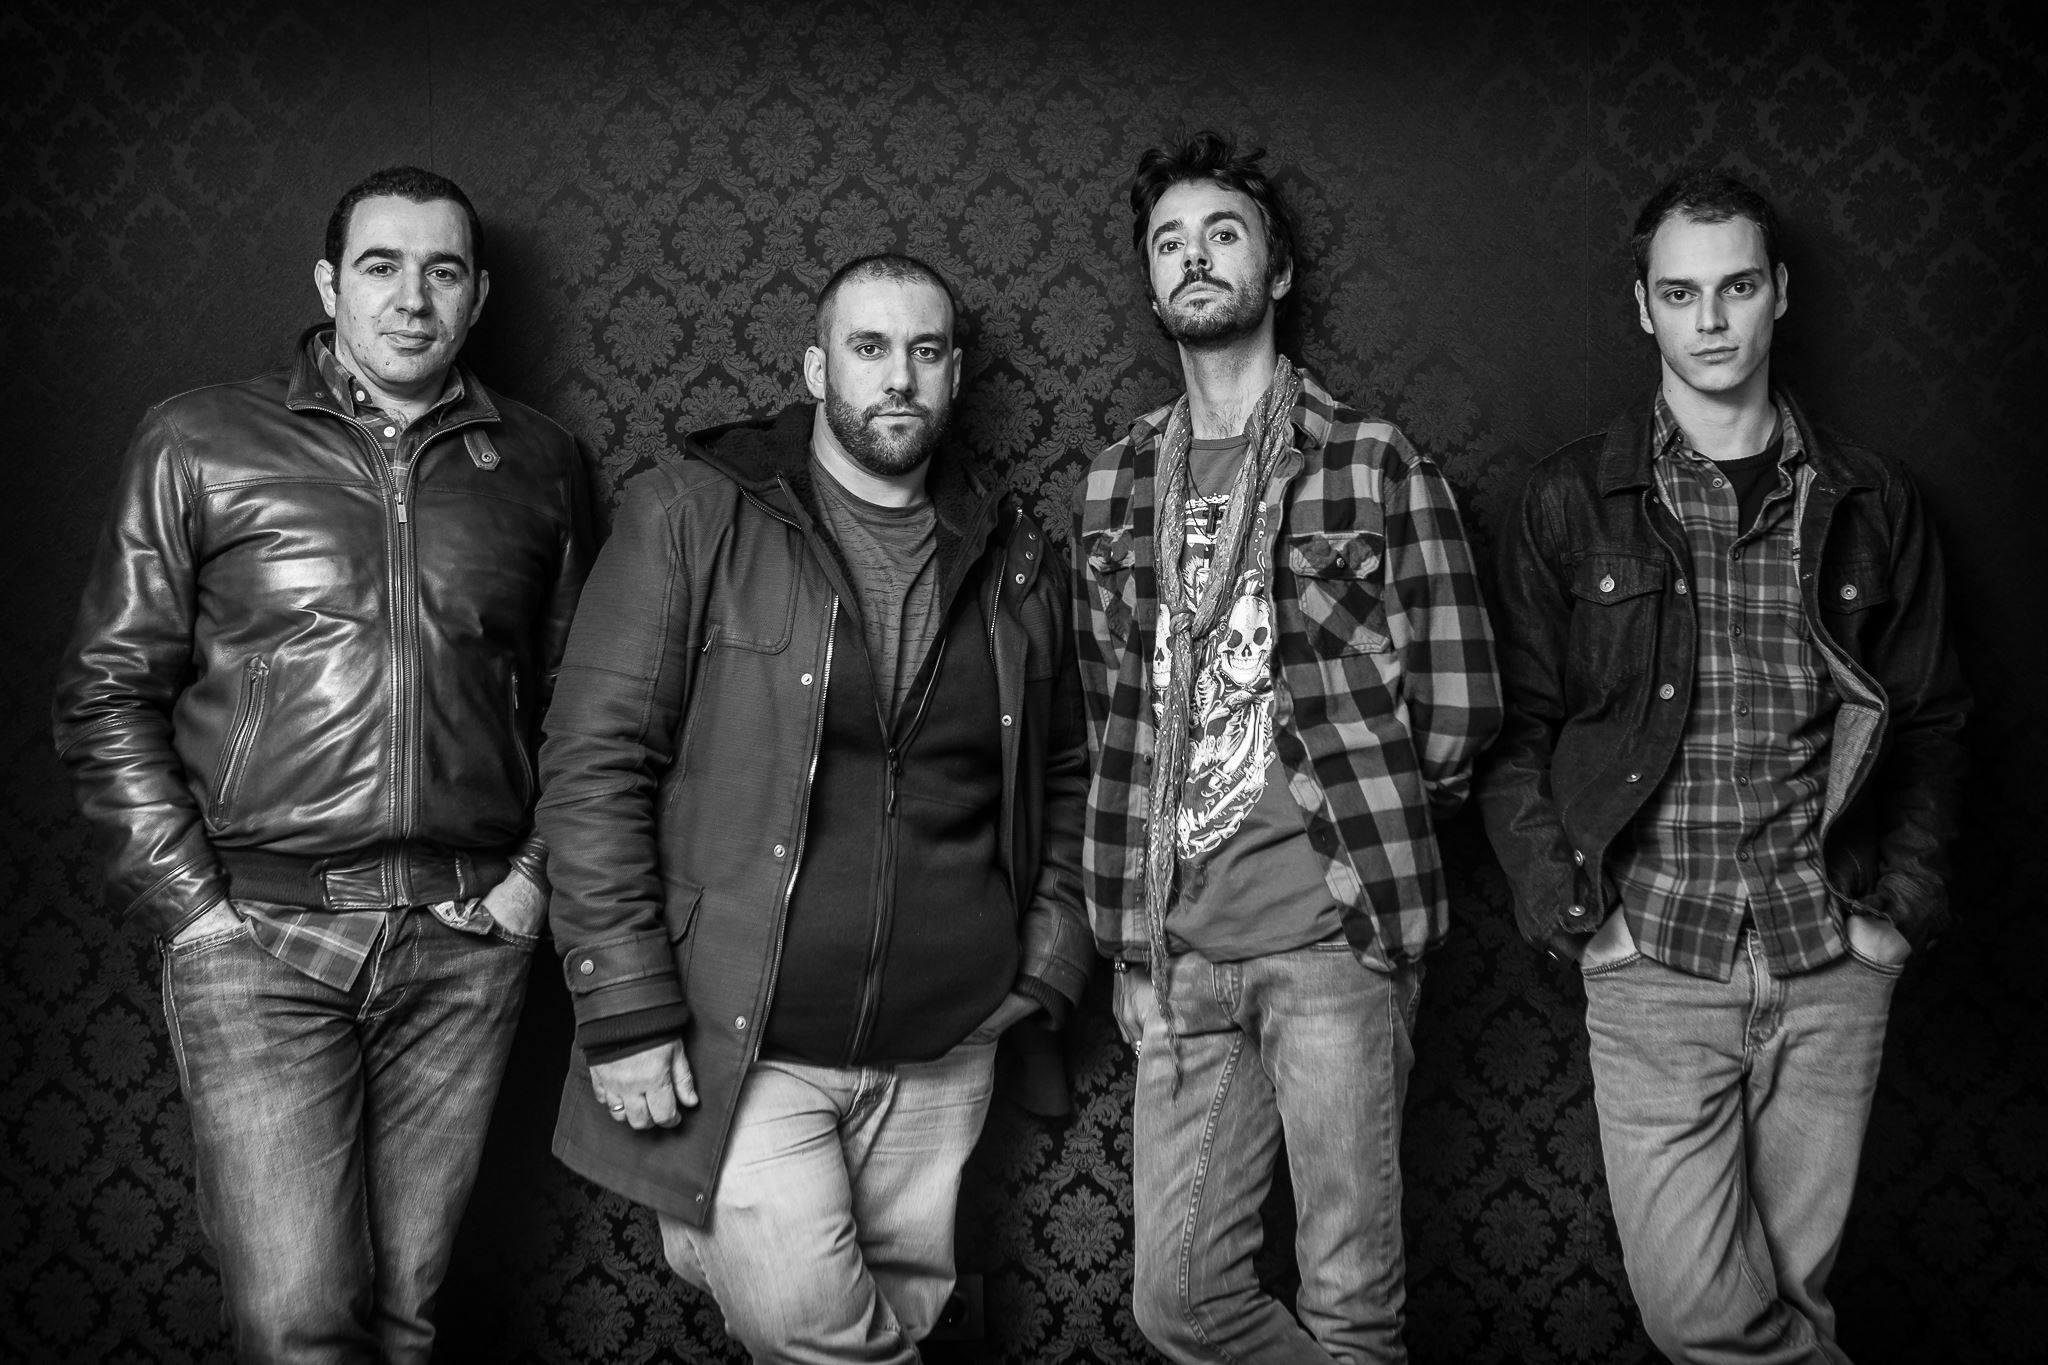 Filipe Moura - Pedro Costa - banda Embaixador - Rui Quental - Fábio Afonso